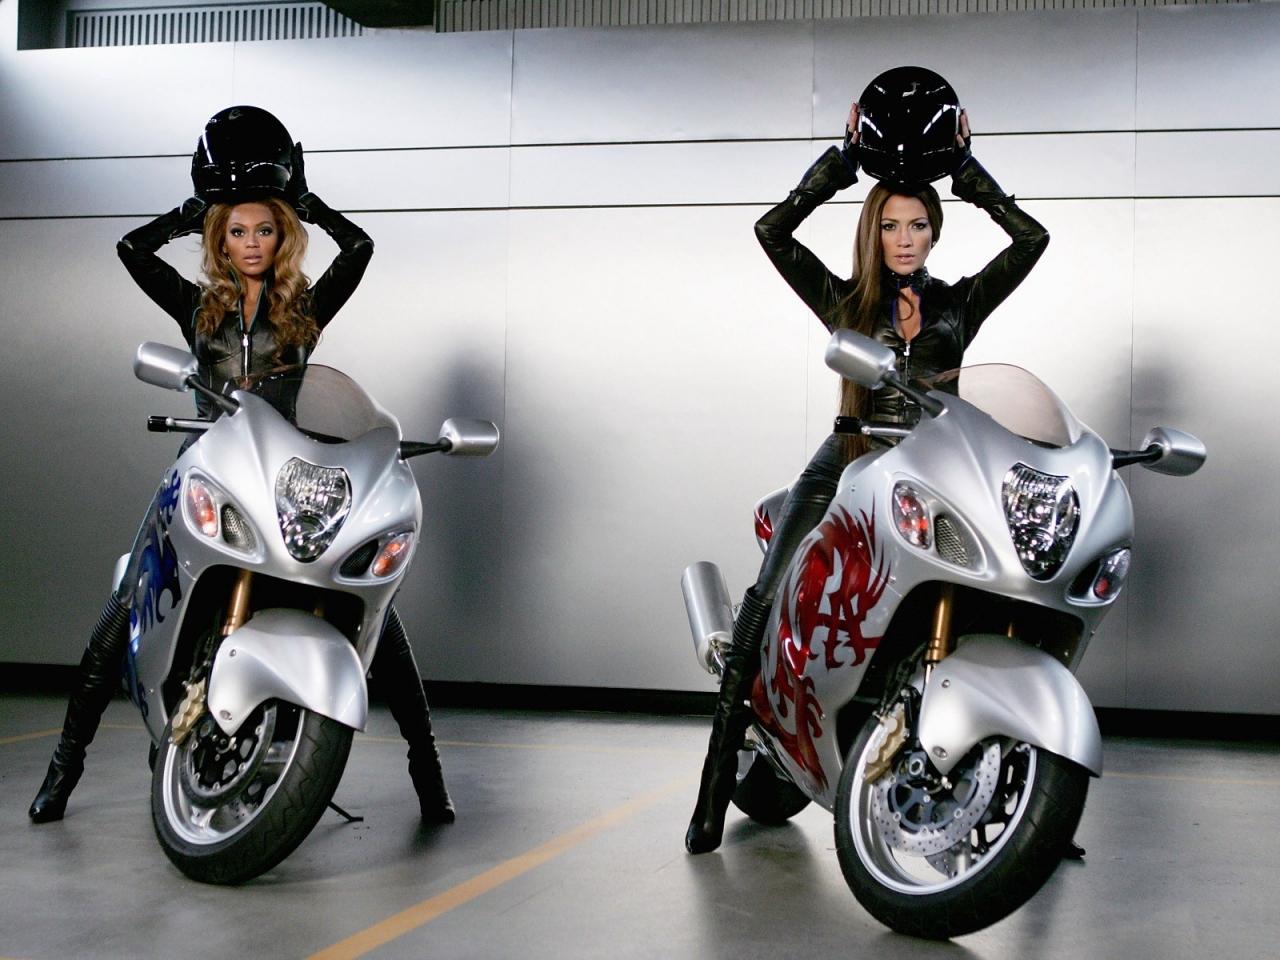 Famosas en motos - 1280x960